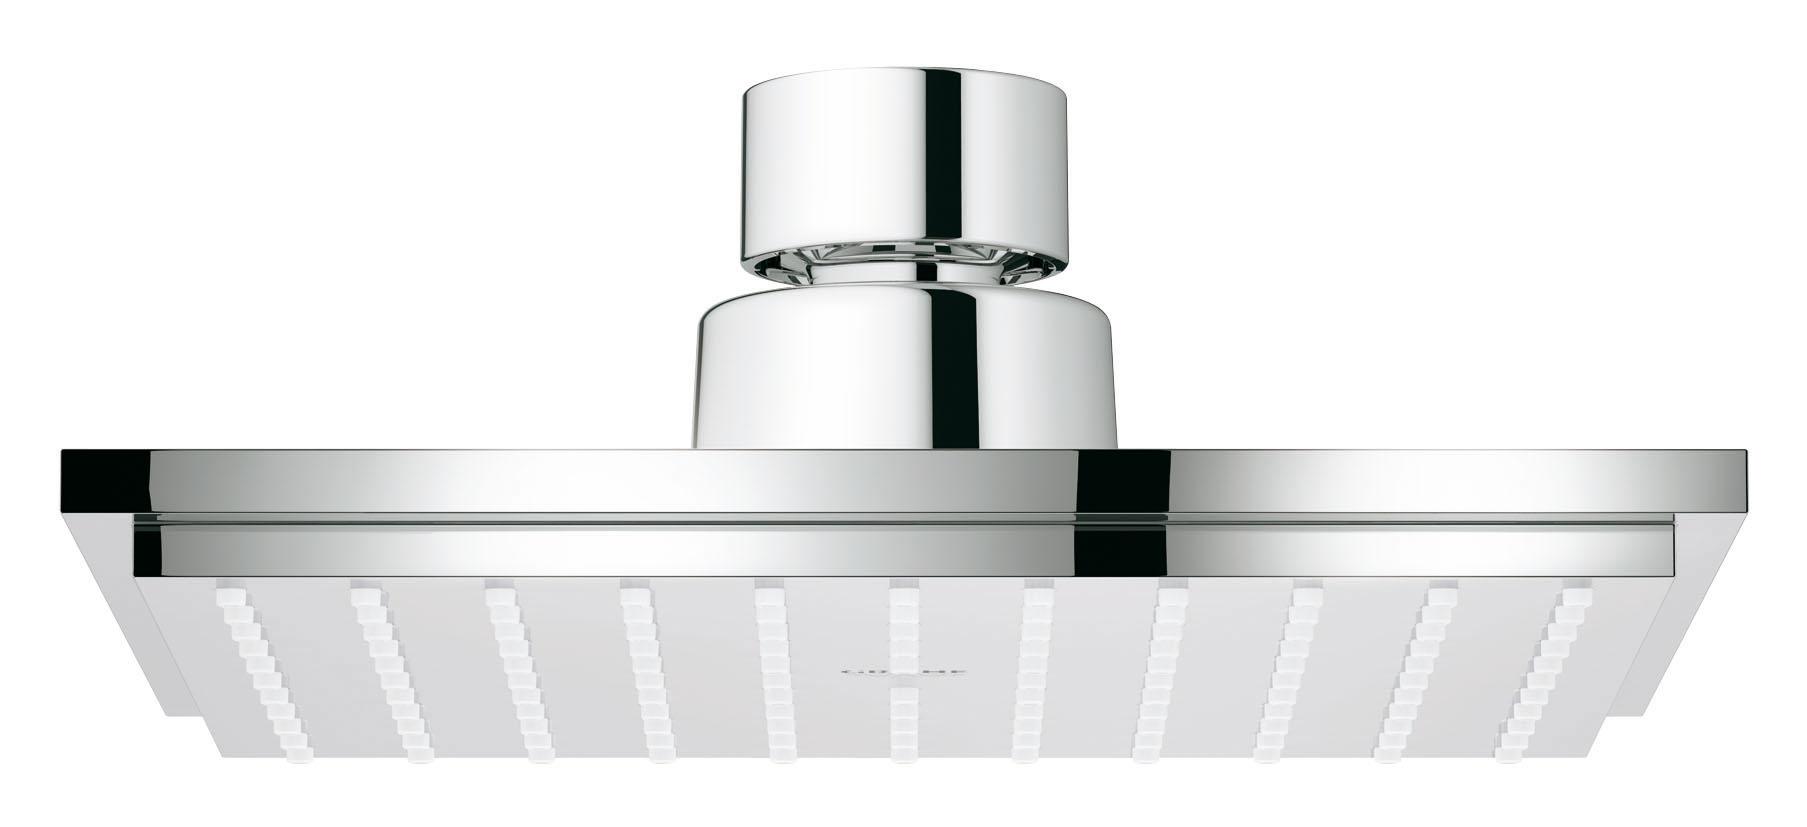 Душ верхний Grohe Euphoria cube 27705000 набор верхний душ с потолочным душевым кронштейном grohe power